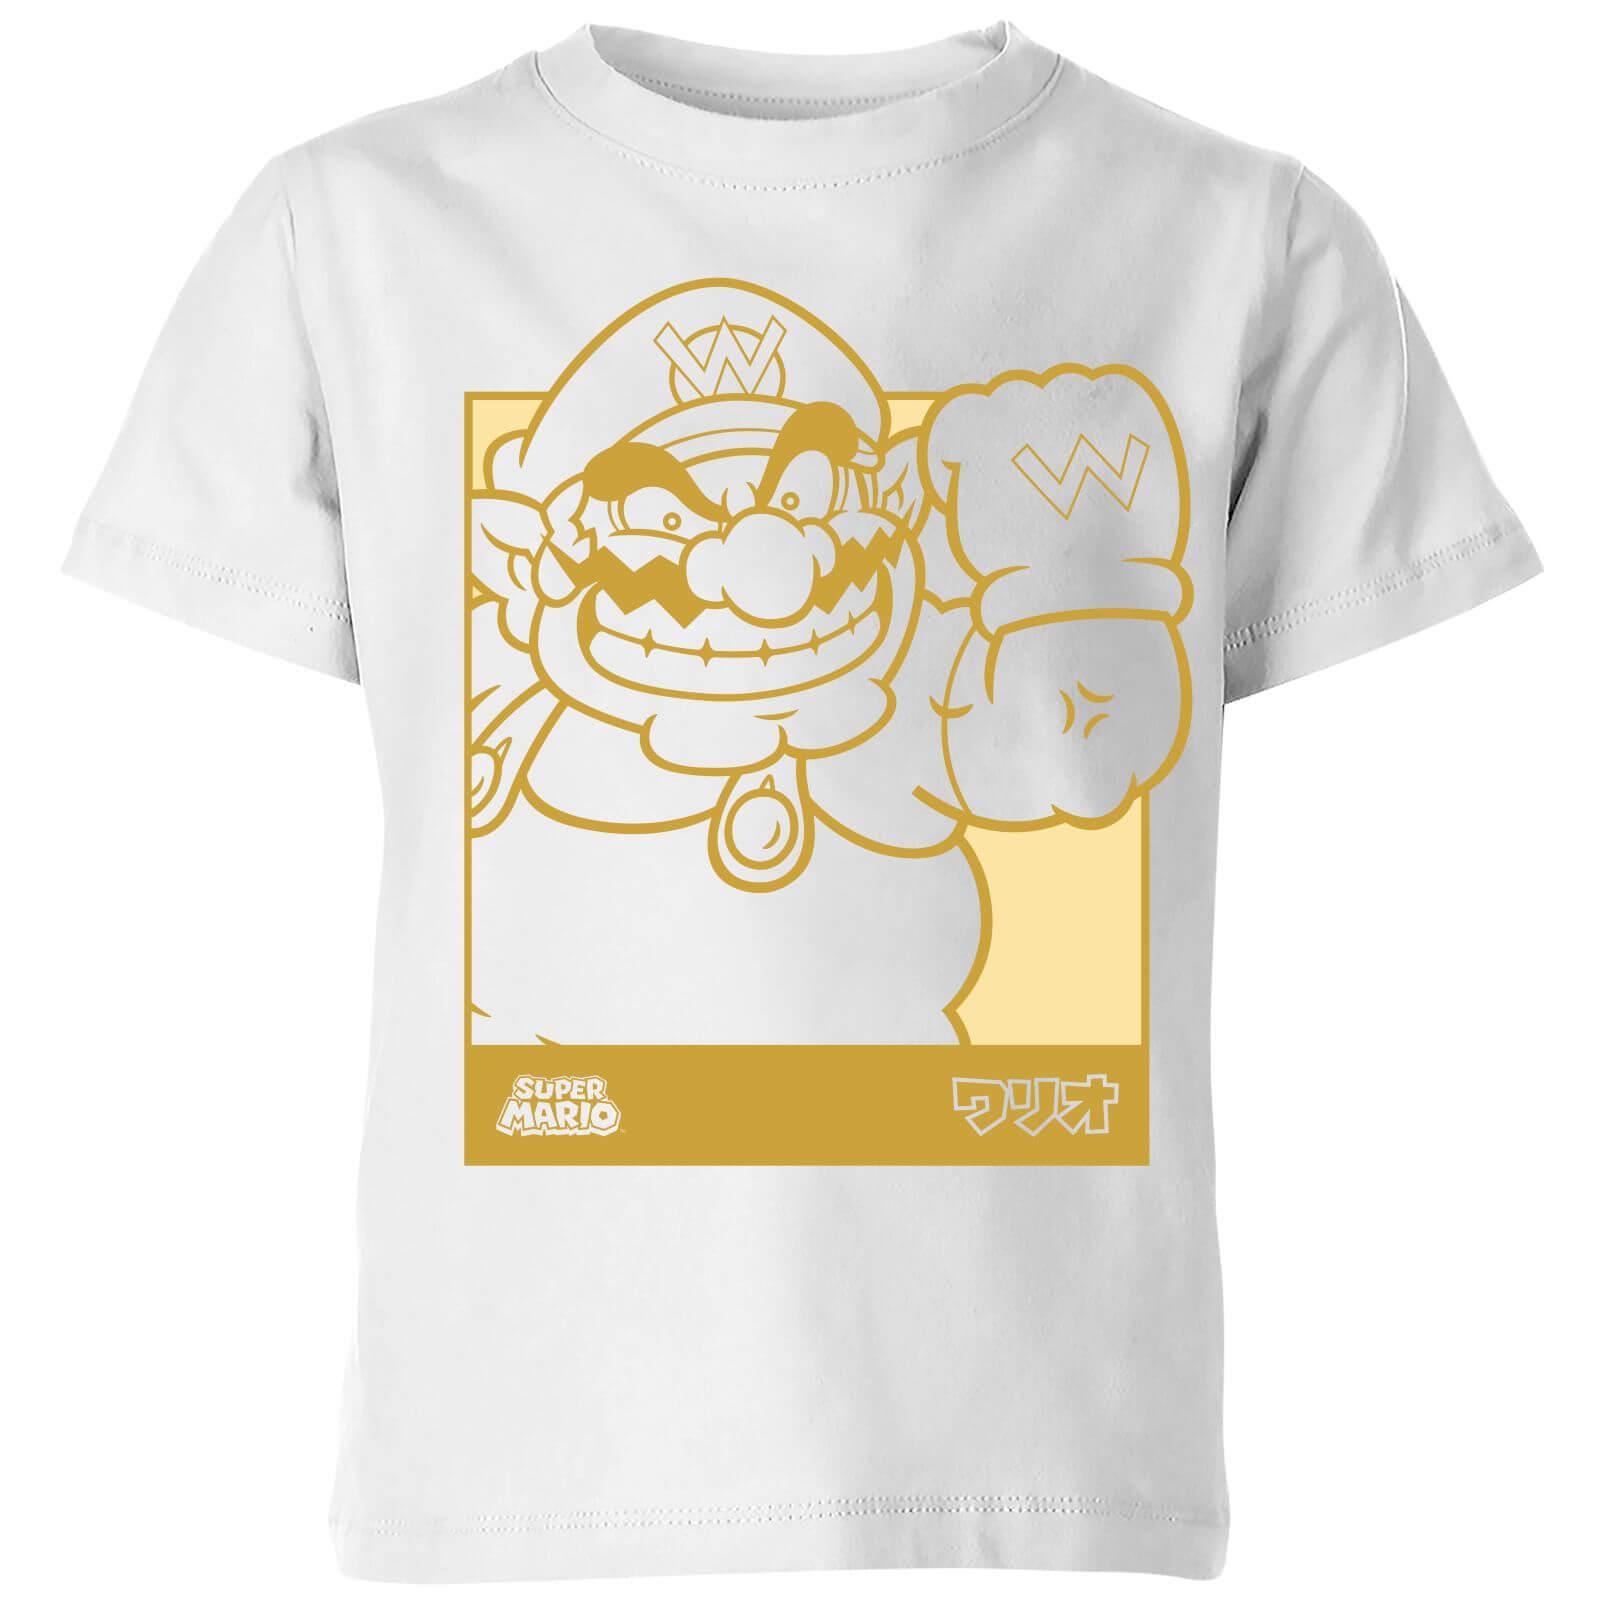 Nintendo Super Mario Wario Kanji Line Art Kids' T-Shirt - White - 9-10 Years image